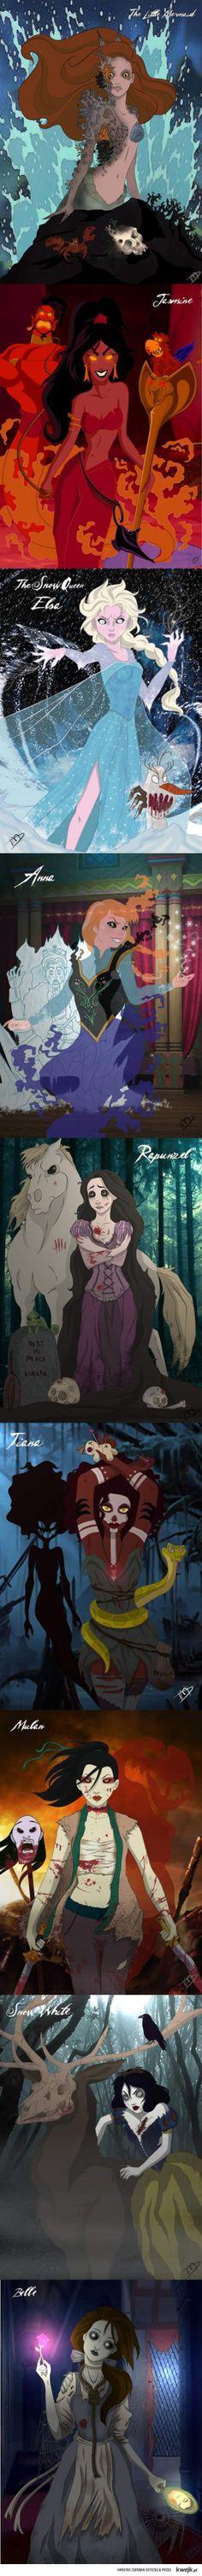 Zombie księżniczki disneya